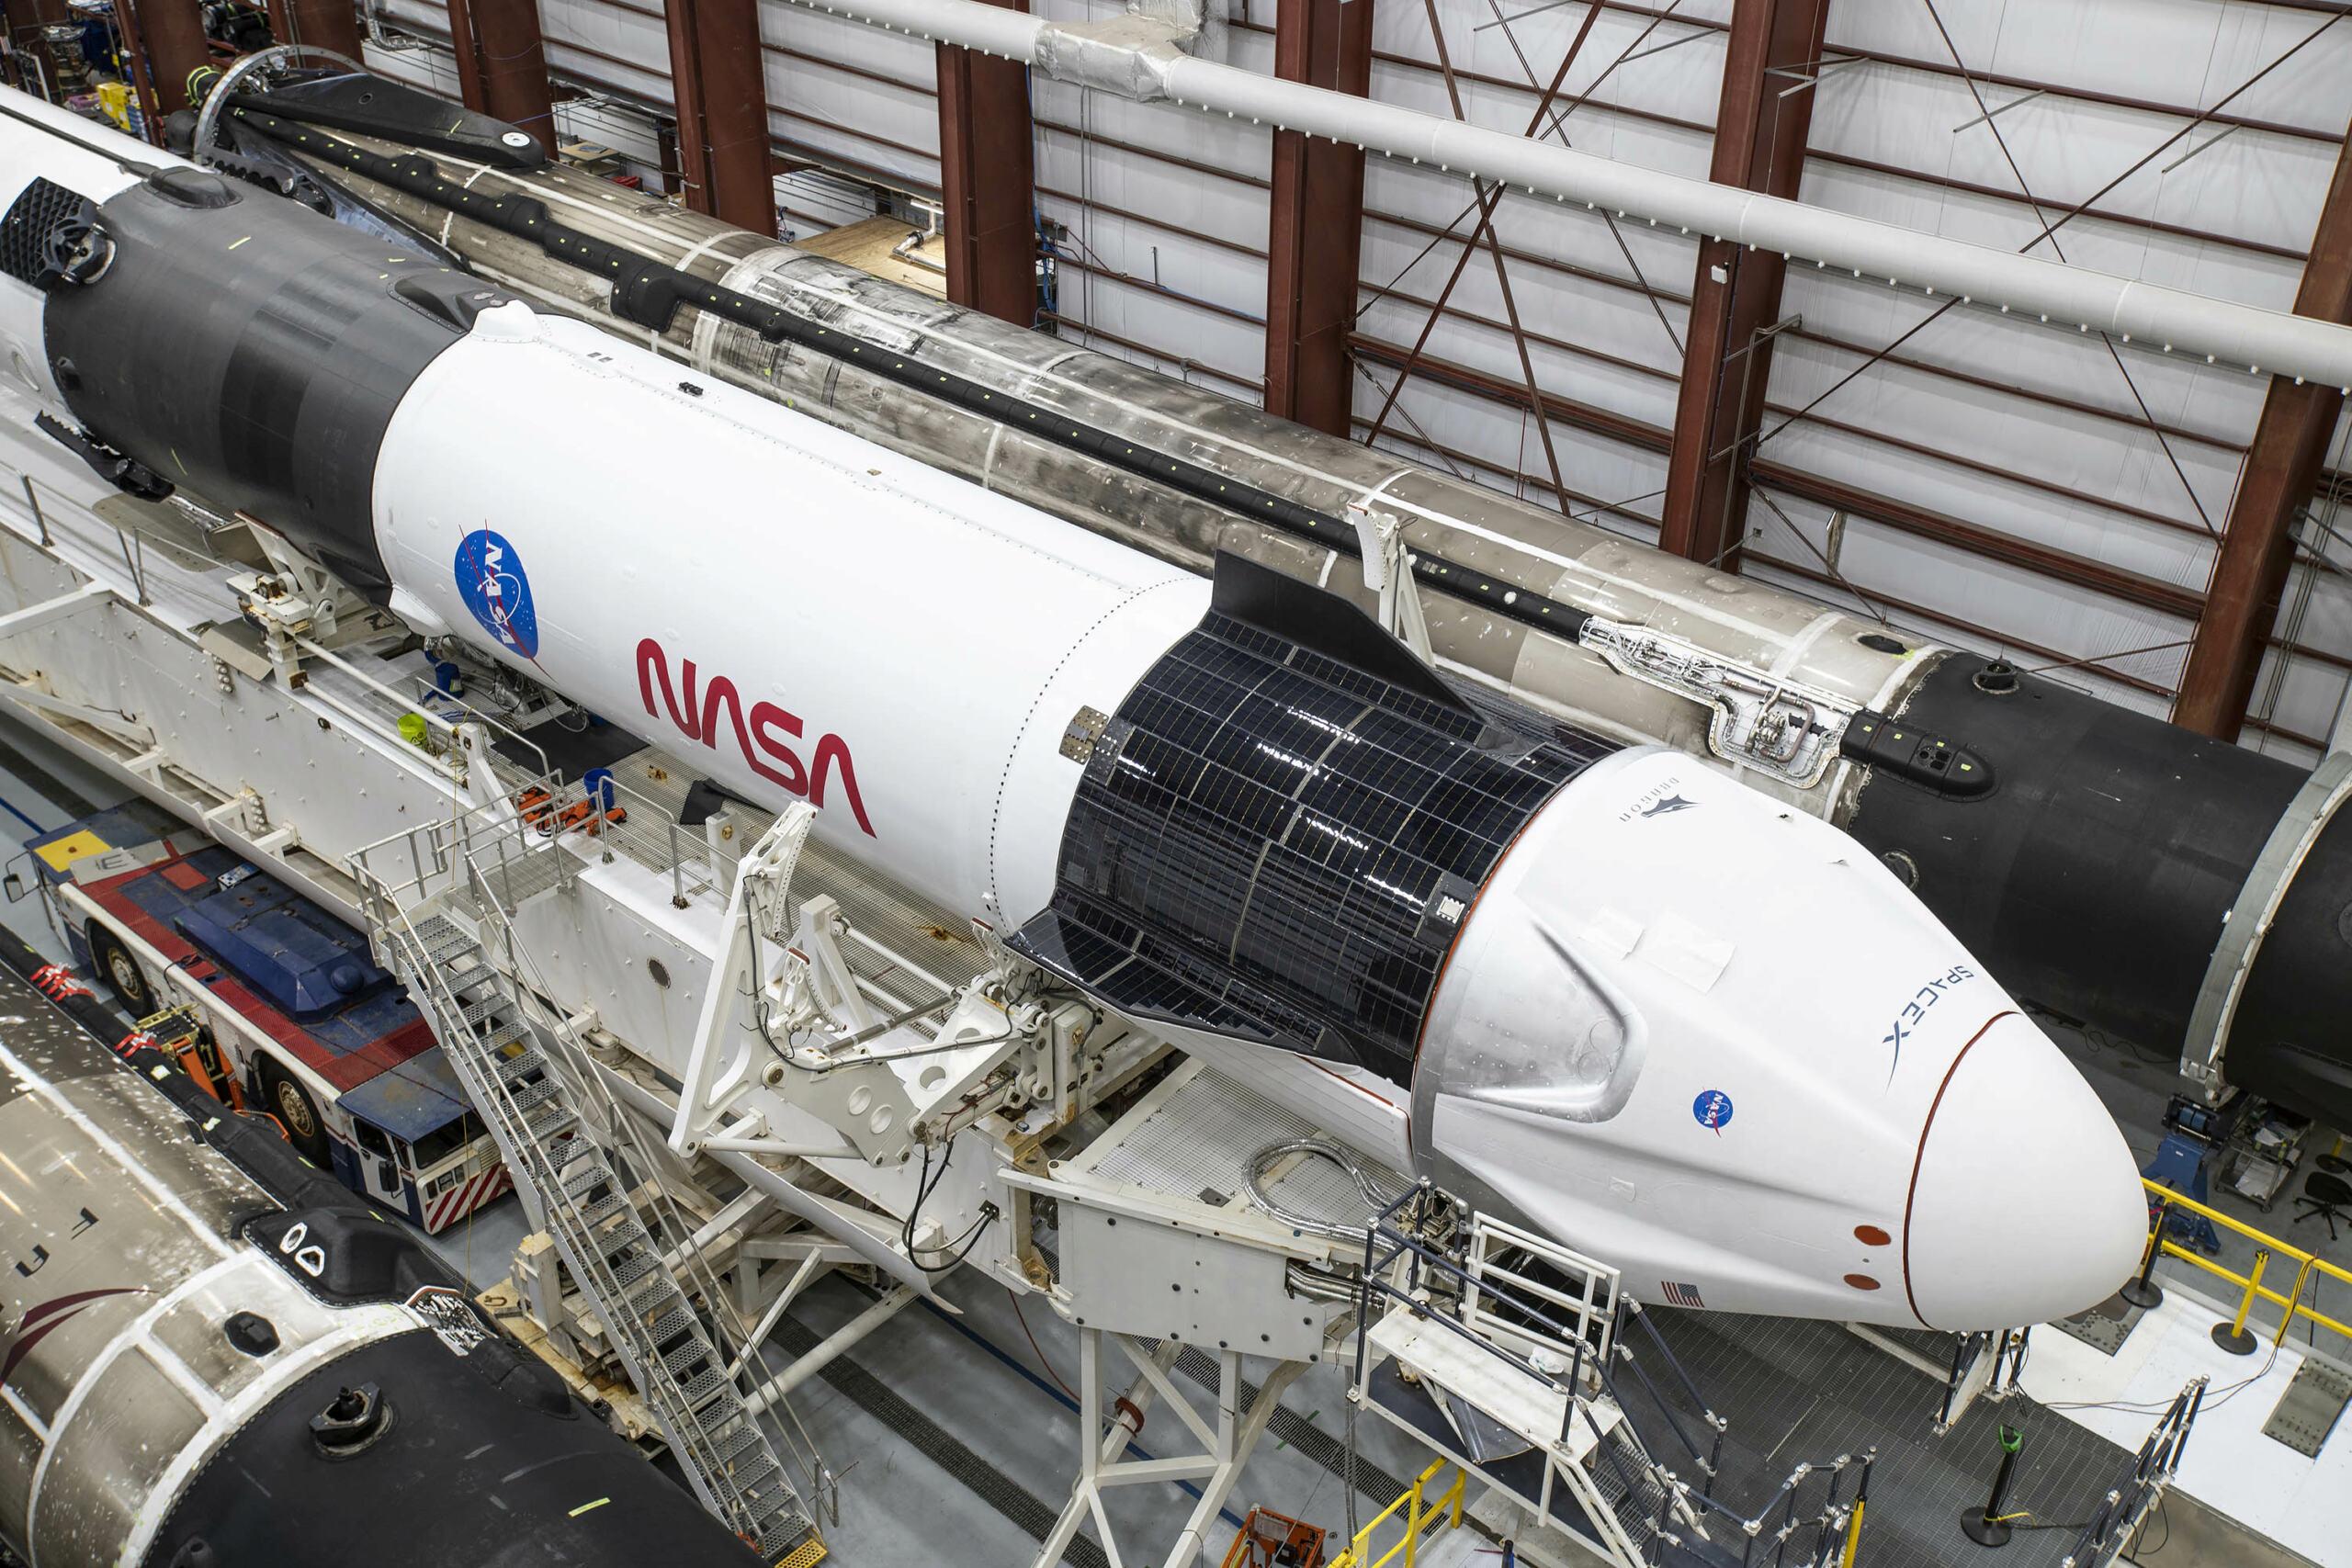 Falcon 9 (Crew Dragon USCV-1) - KSC - 16.11.2020 - Page 4 11555